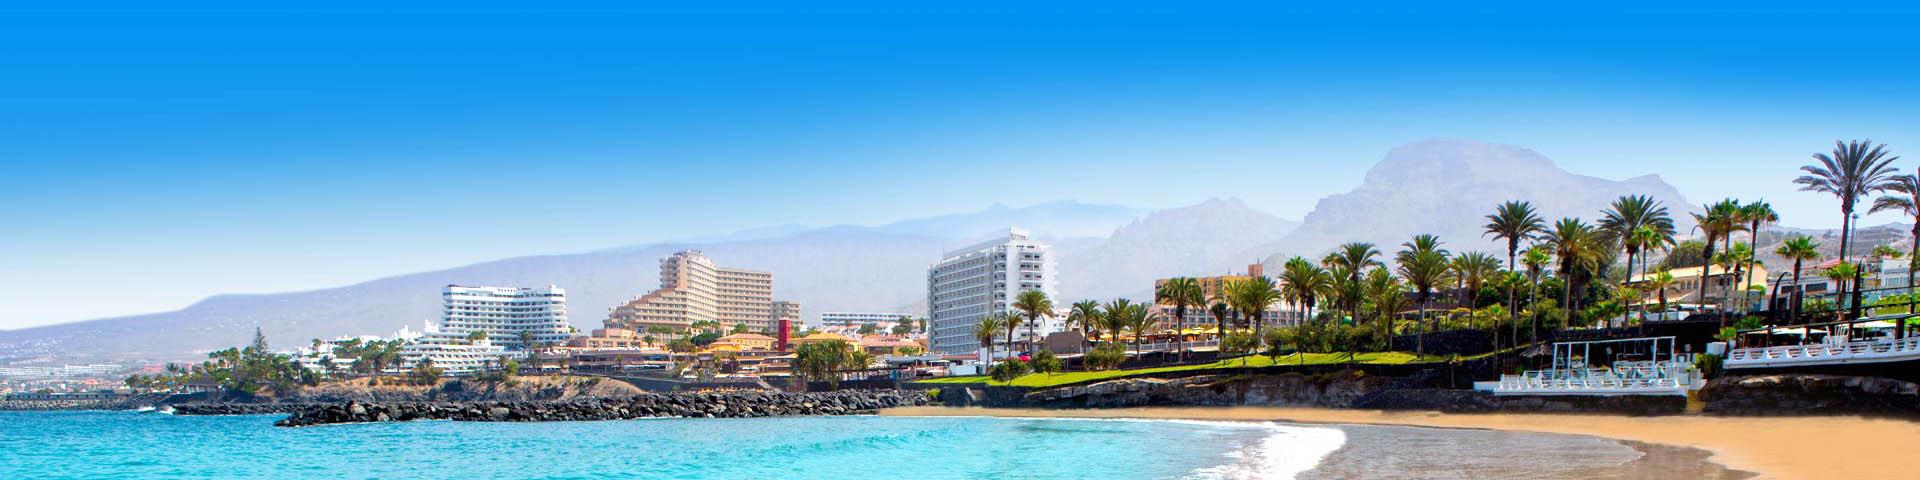 Het strand en gebouwen in Playa de las Américas